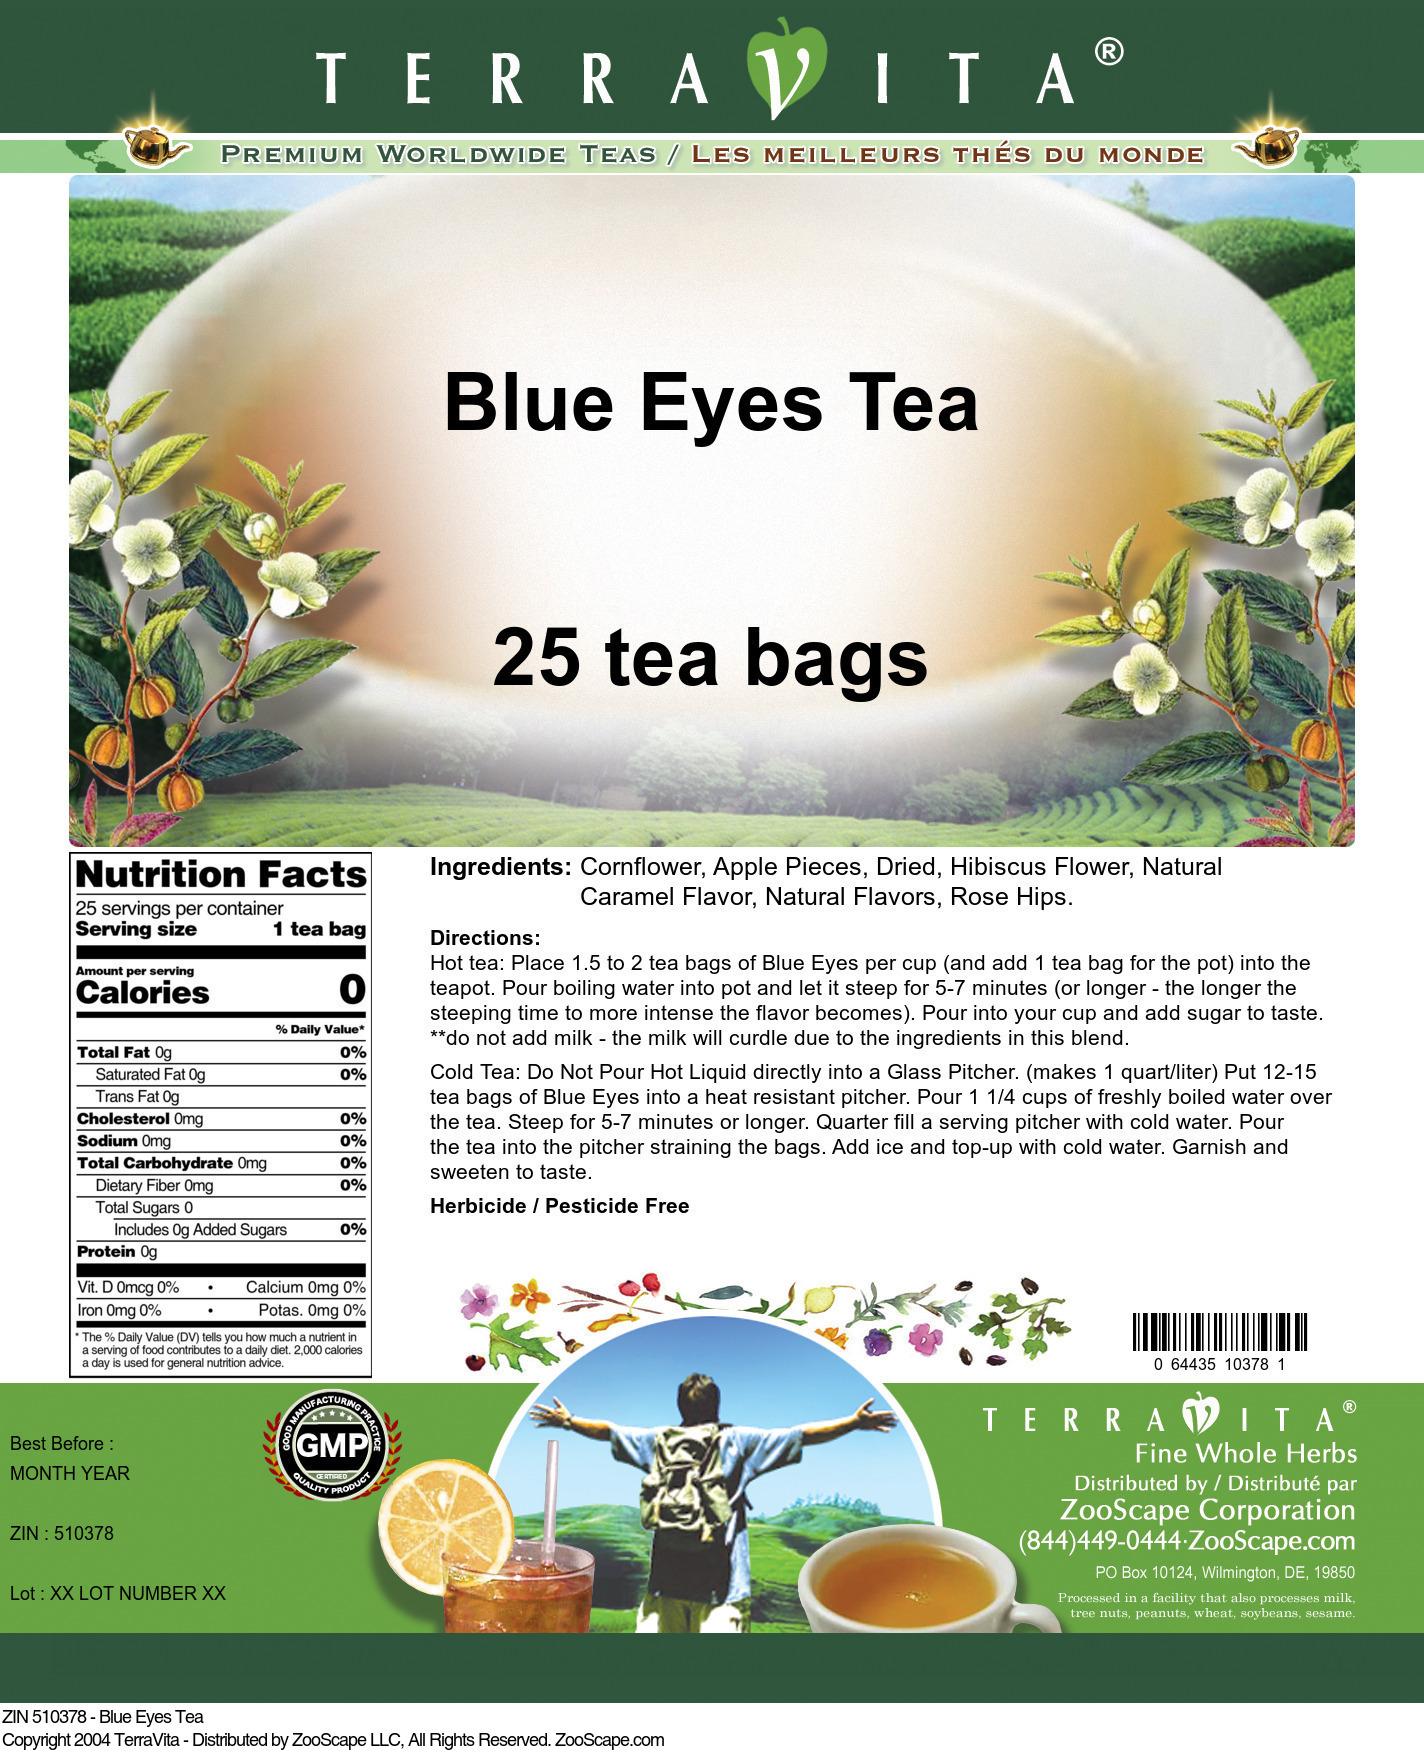 Blue Eyes Tea